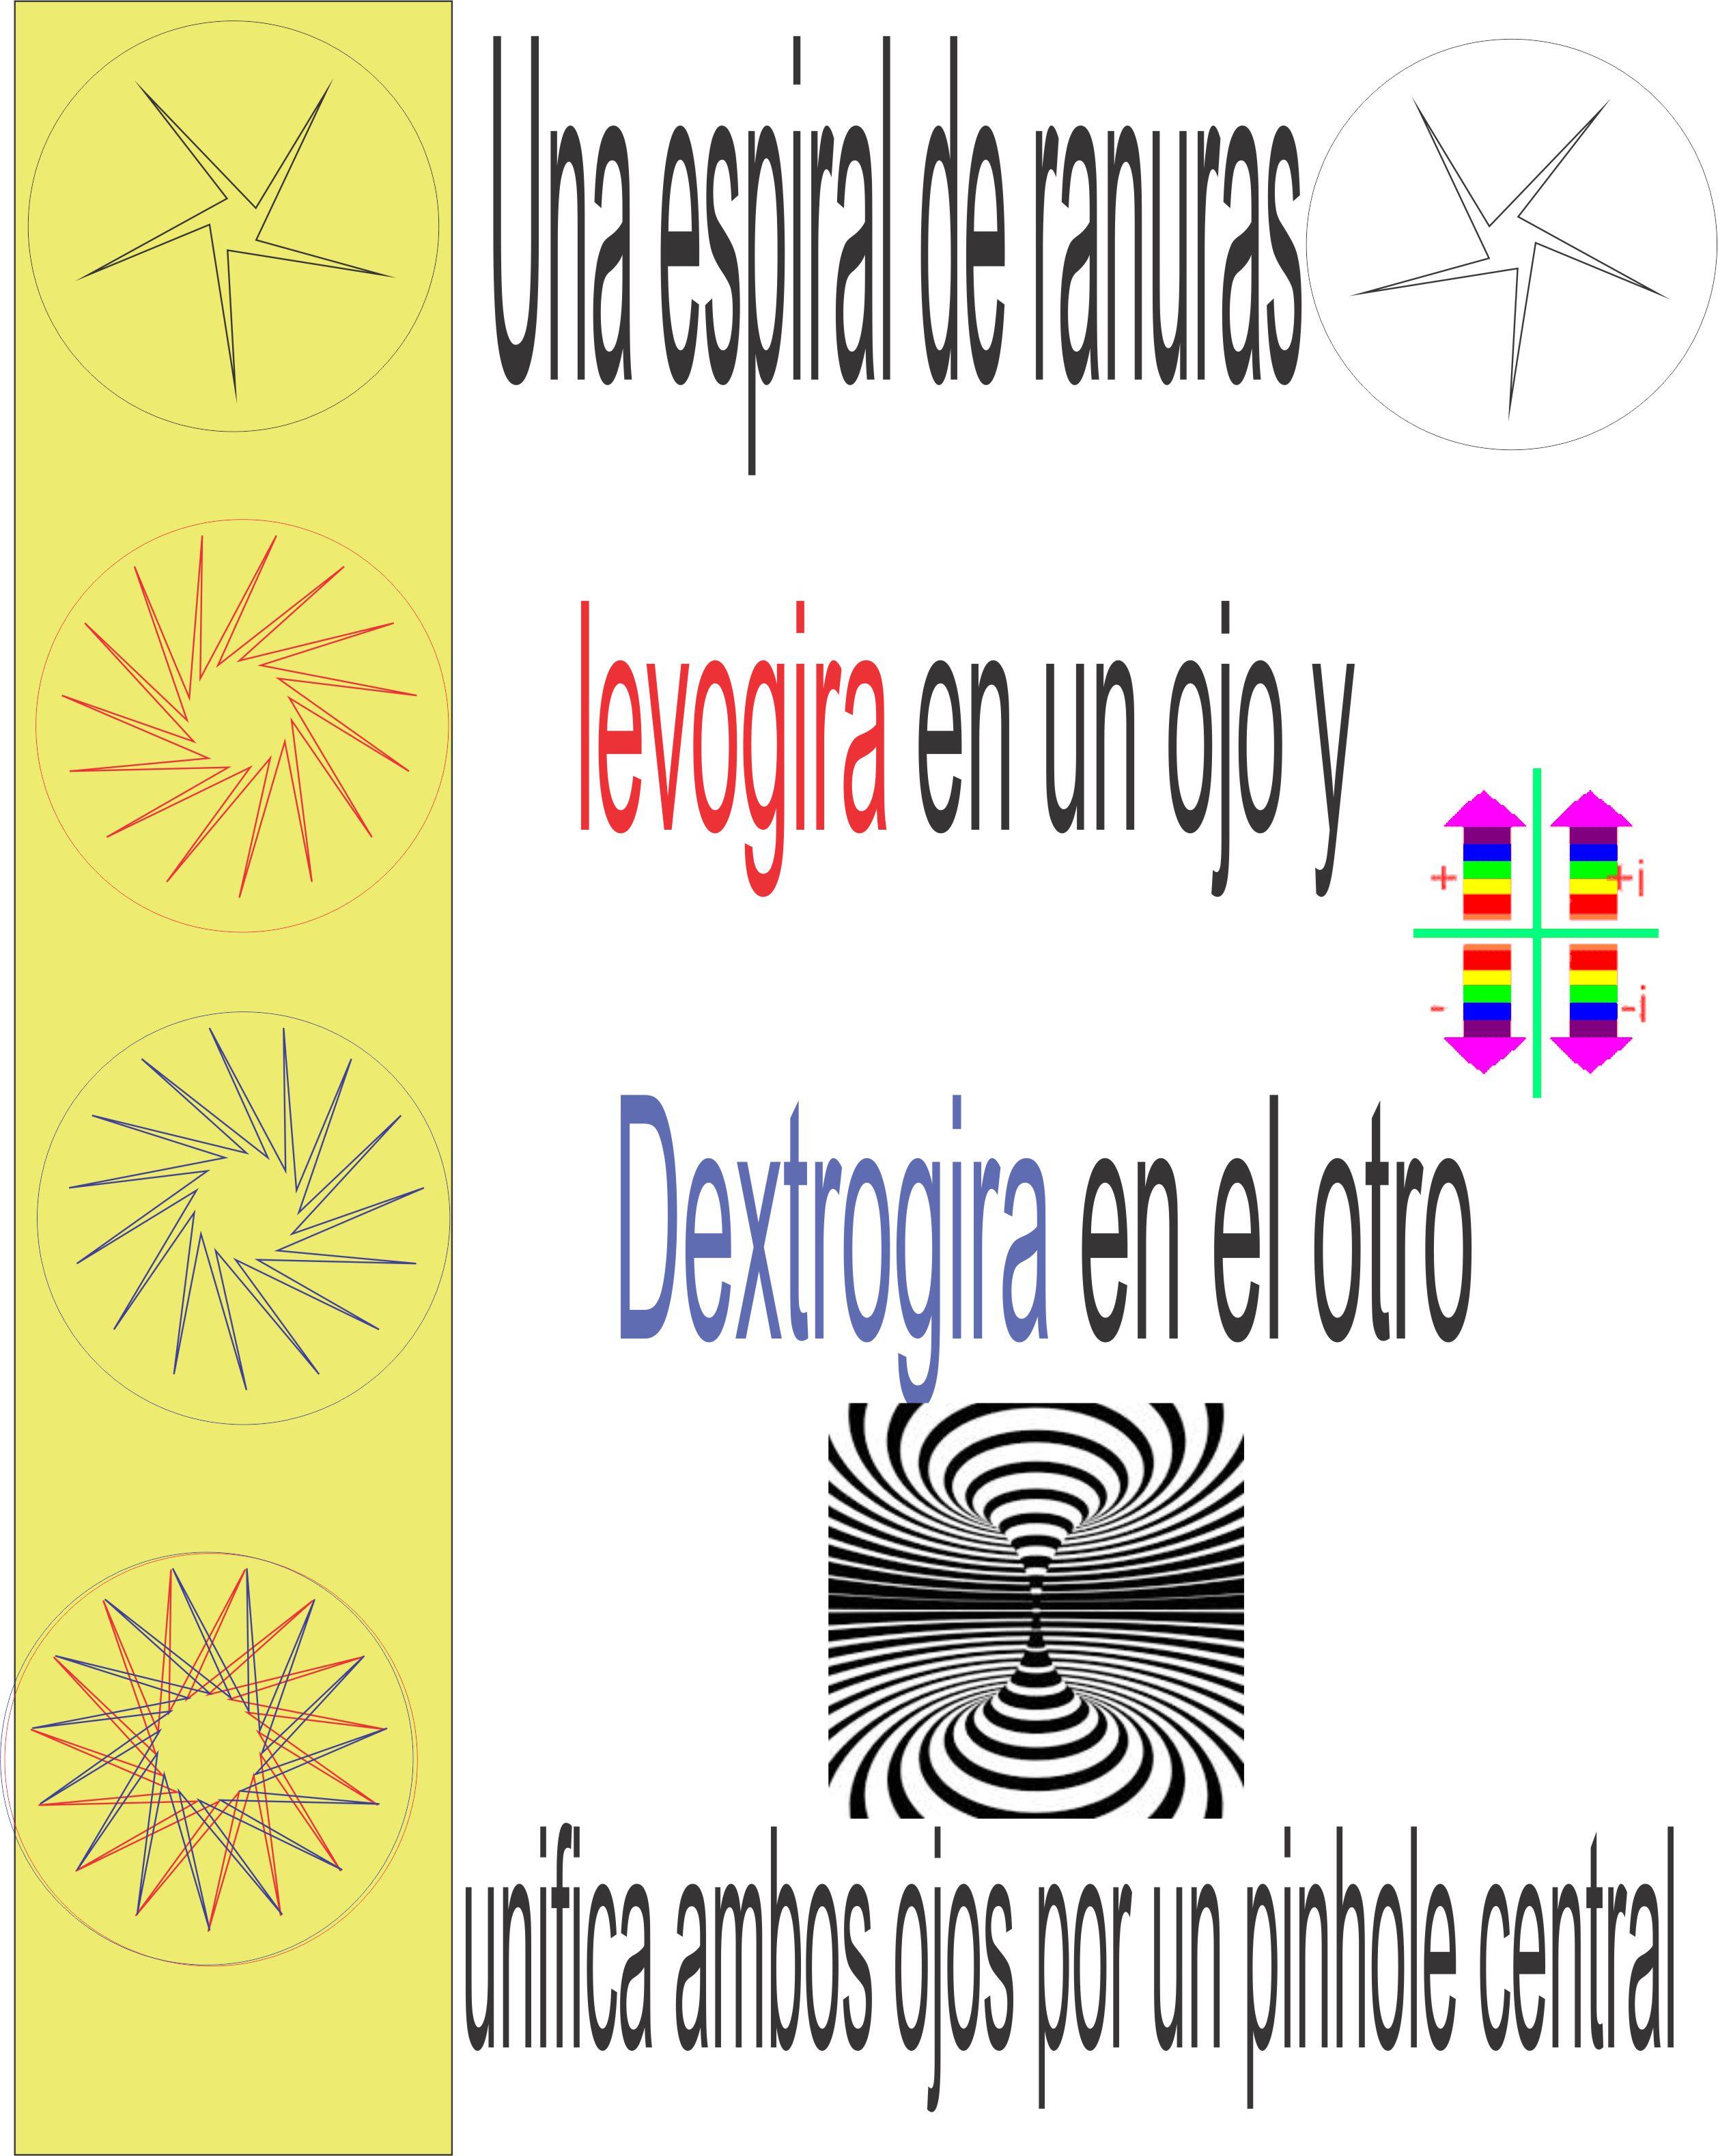 dextro levo2